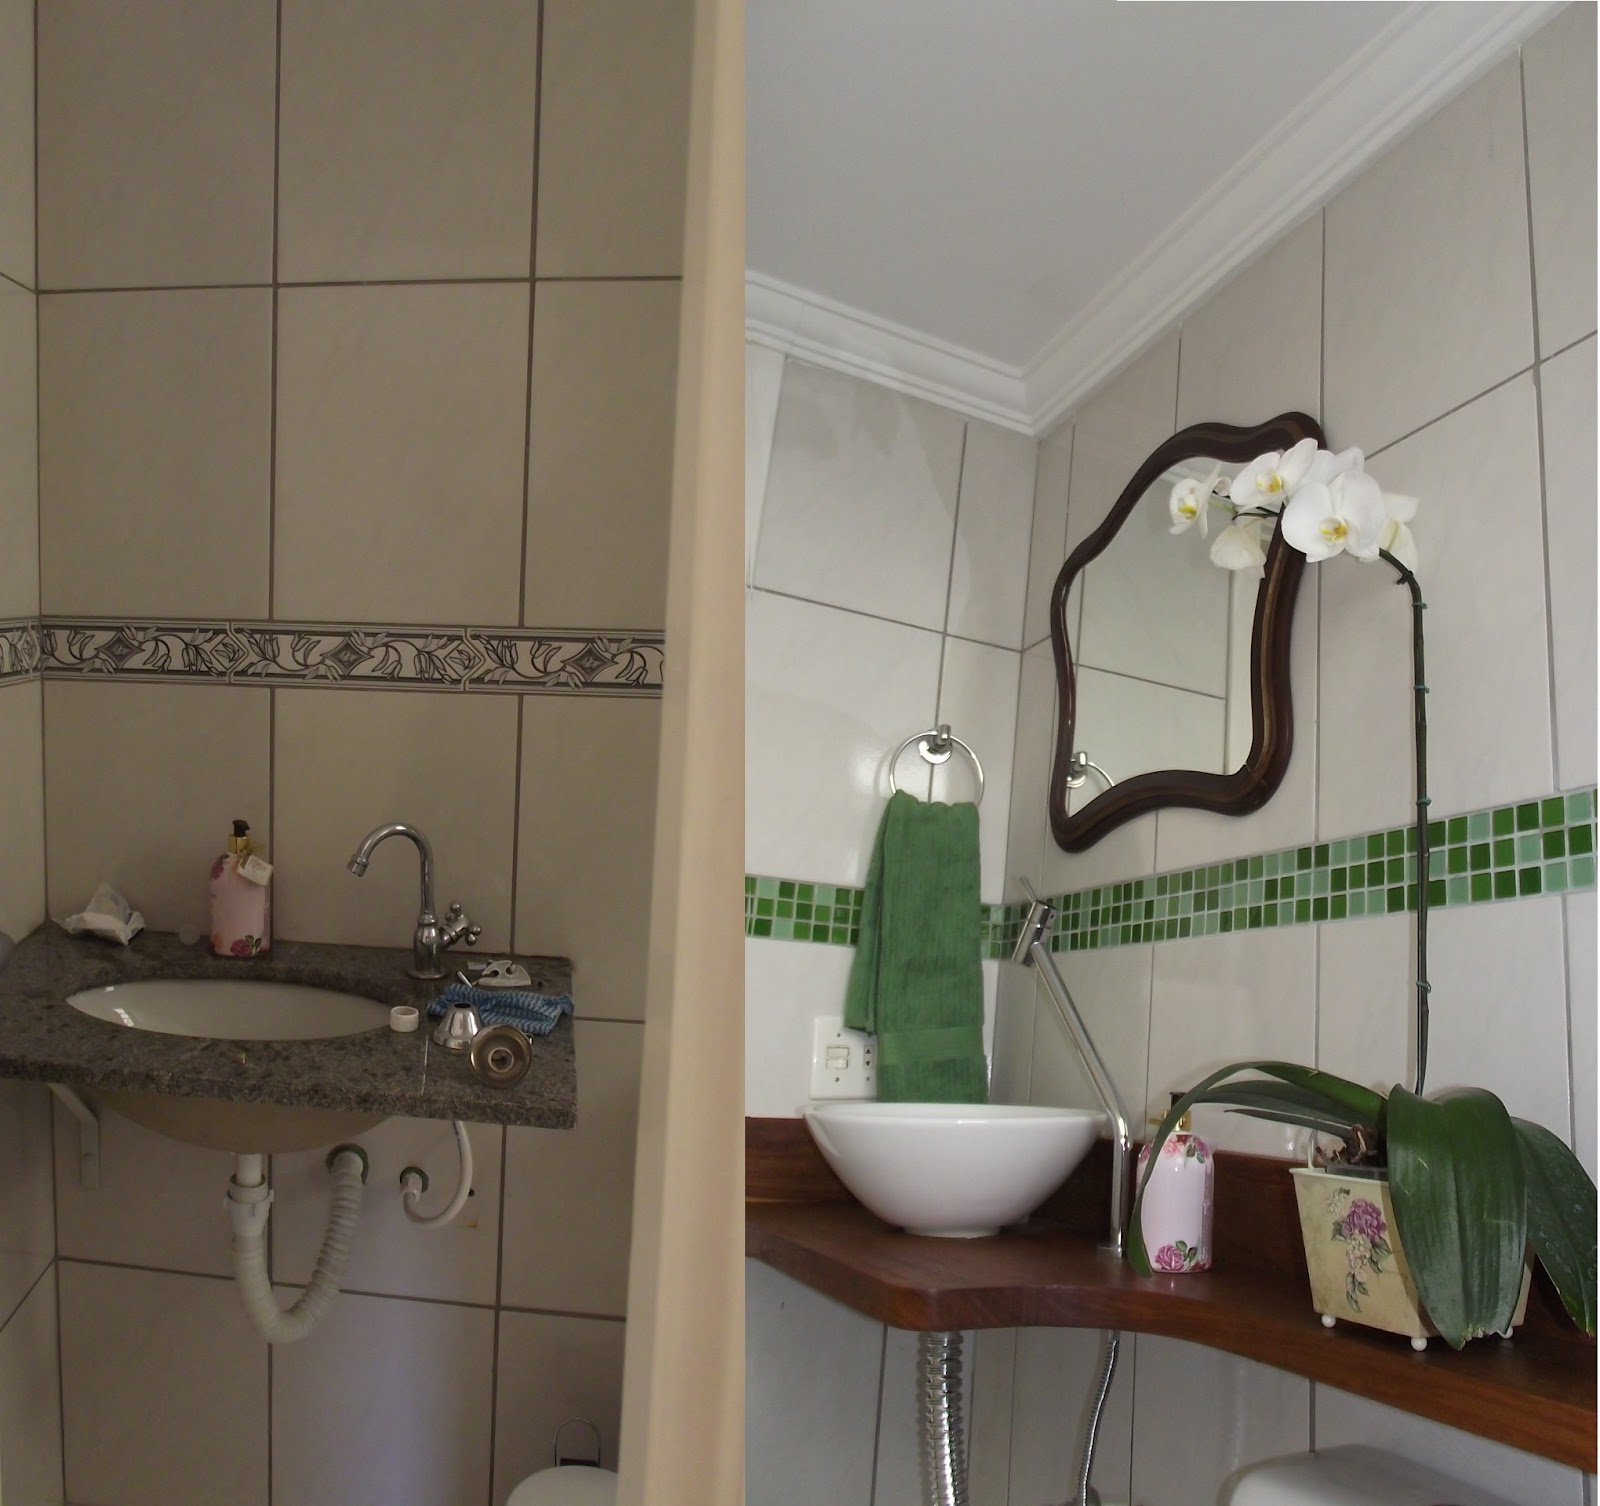 agosto  2012  se fosse na minha casa -> Banheiro Com Faixa De Pastilha Atras Do Vaso